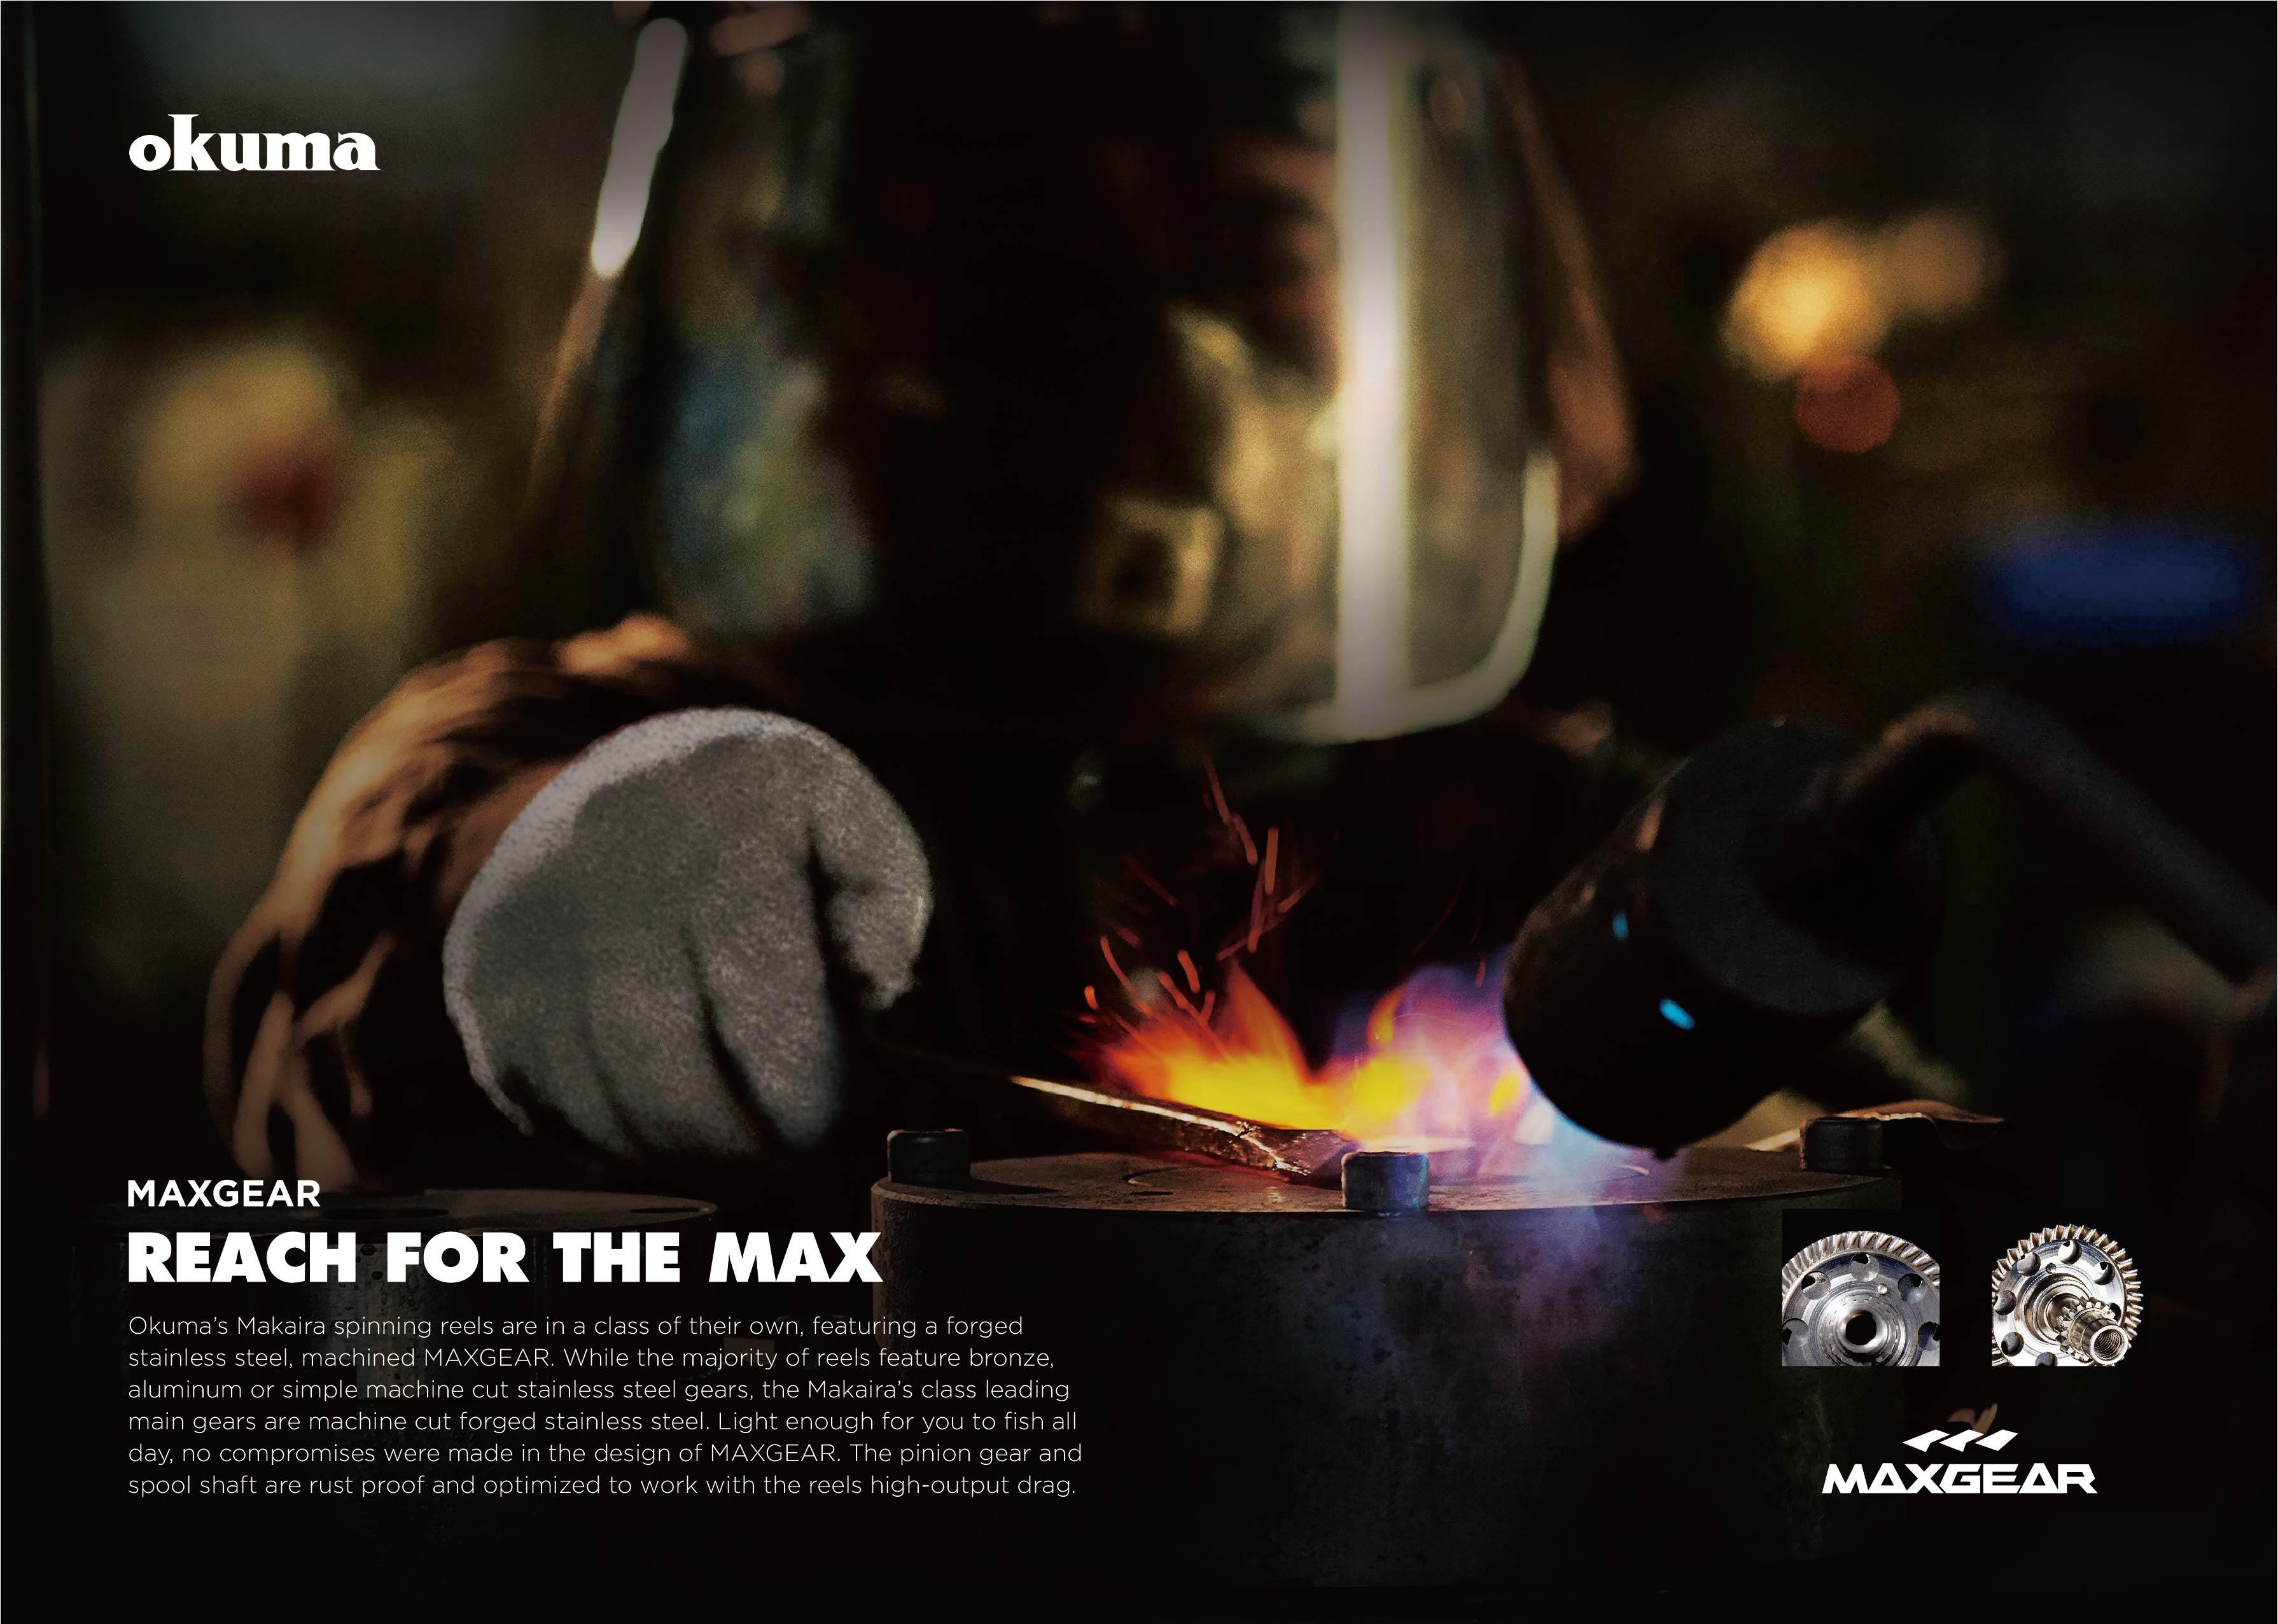 MAXGEAR® REACH FOR THE MAX